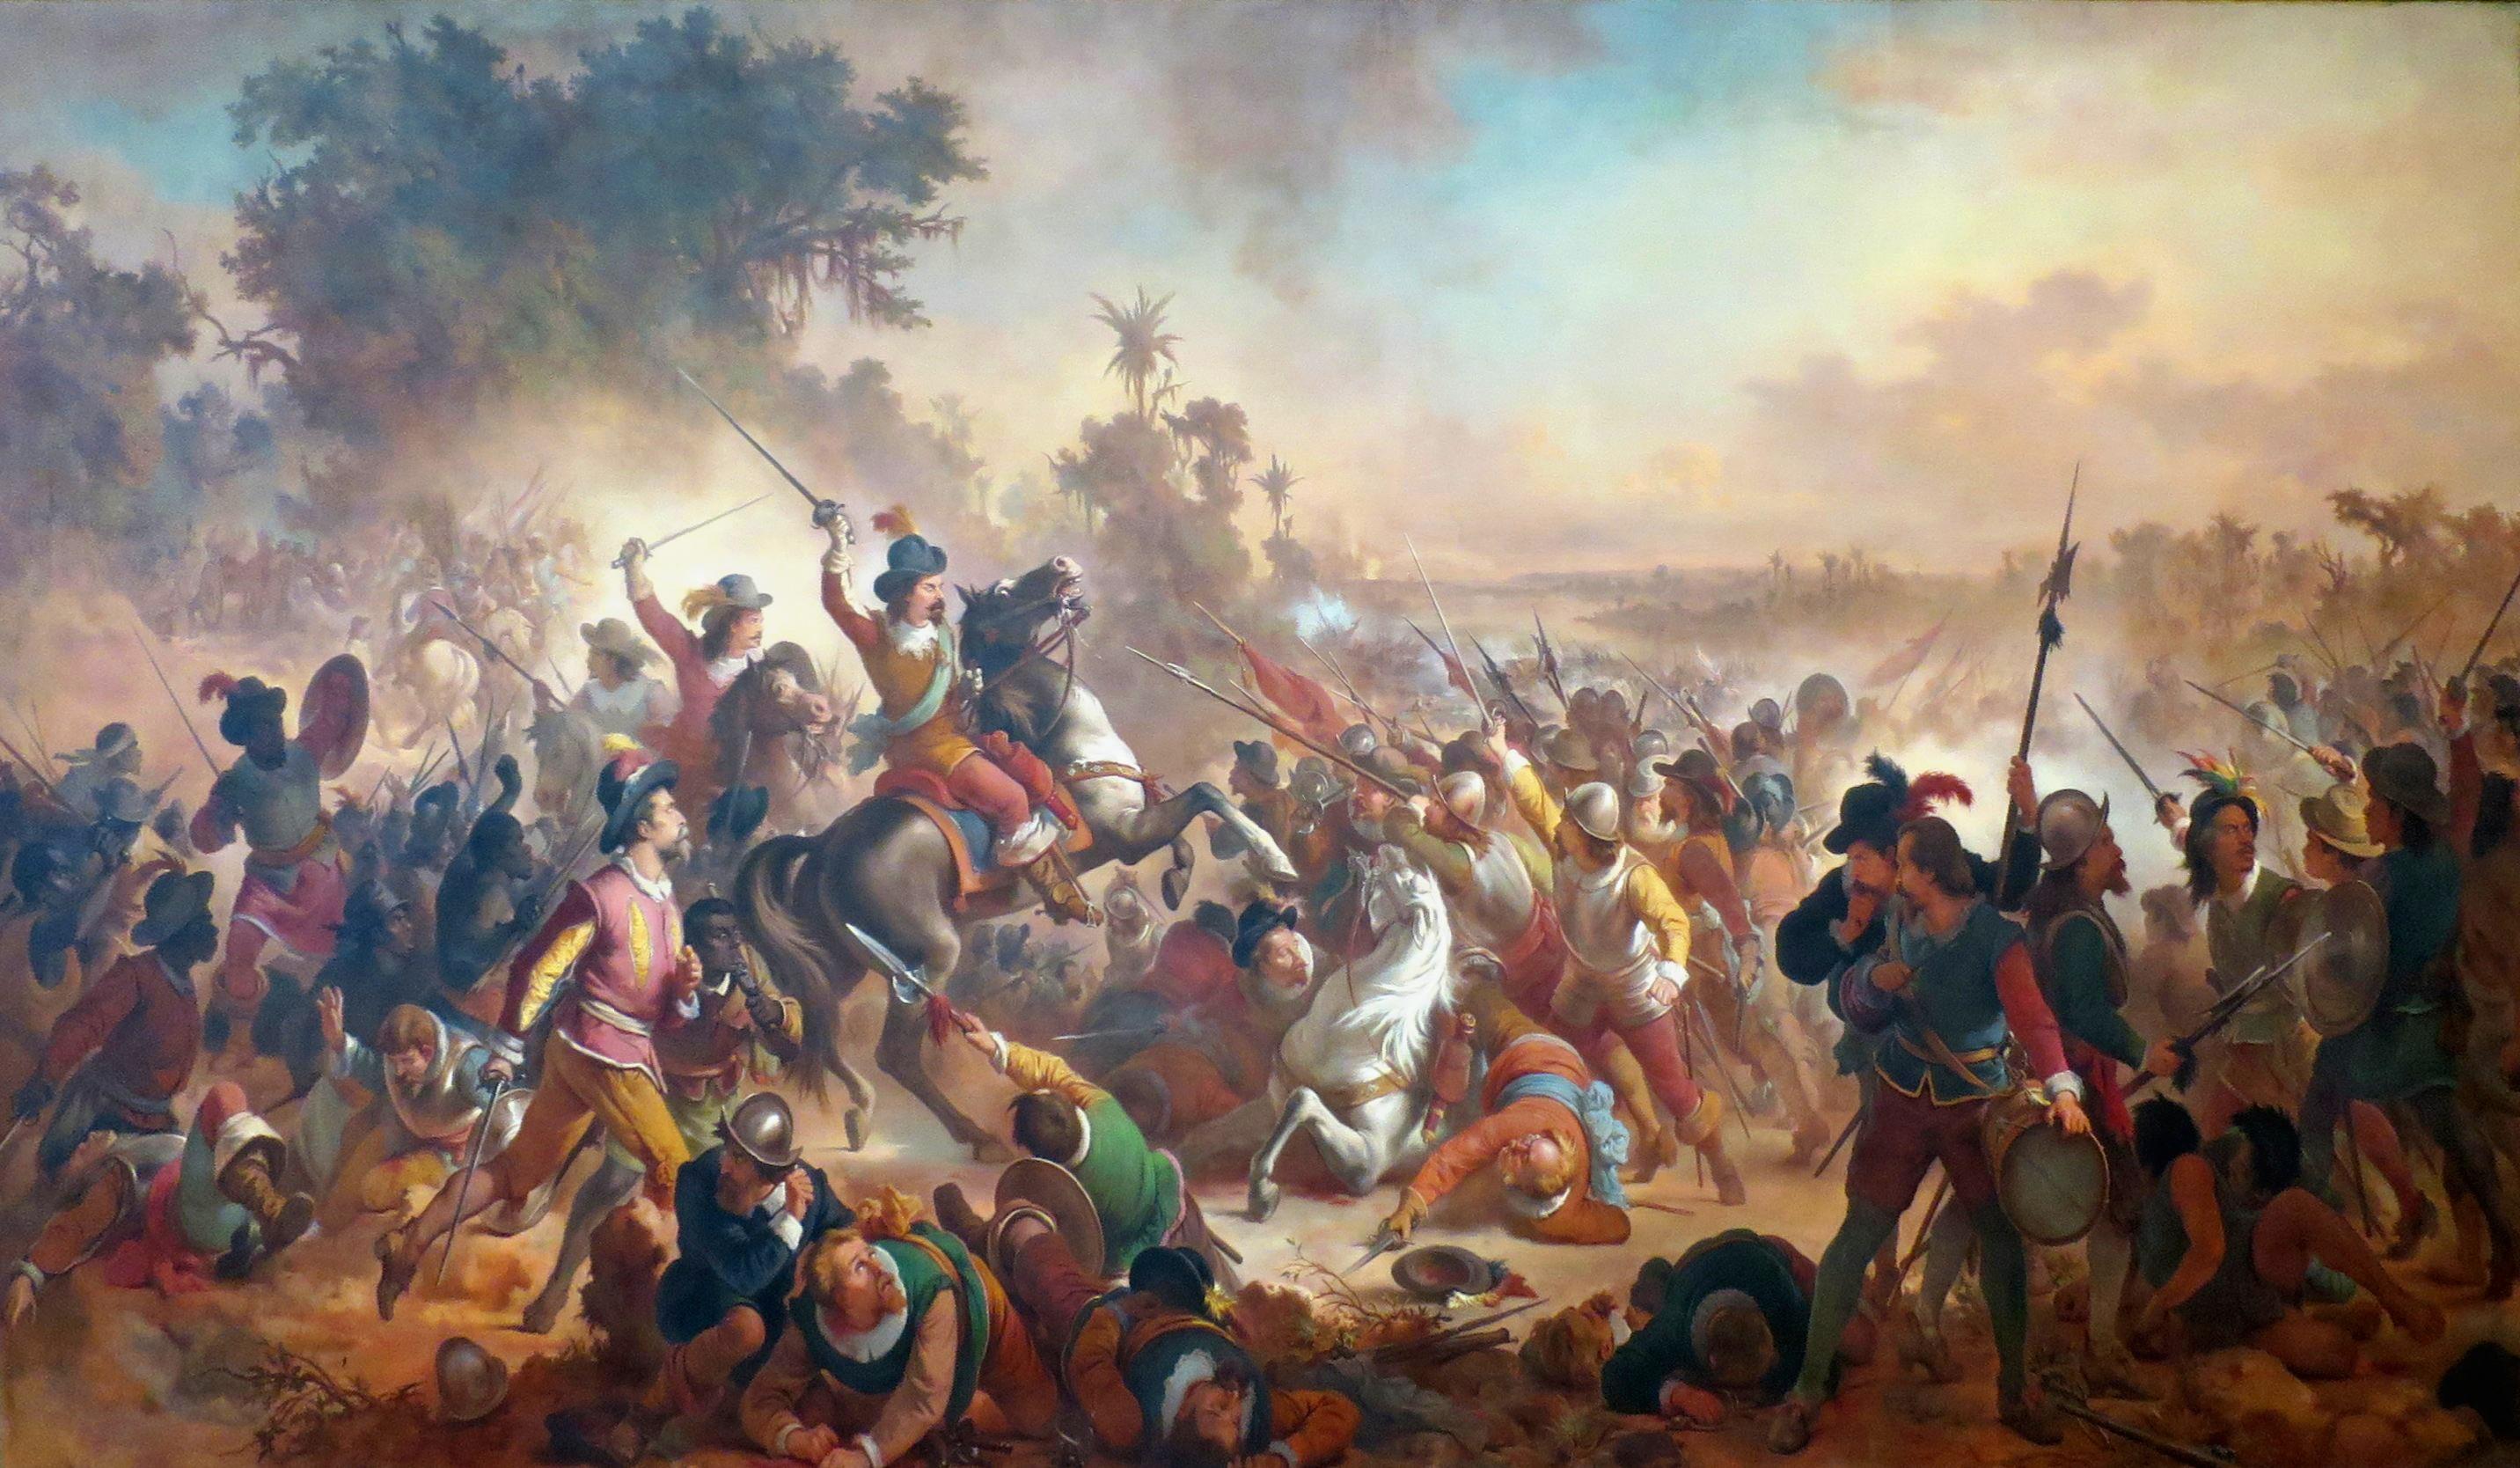 A Batalha de Guararapes - final das Invasões Holandesas